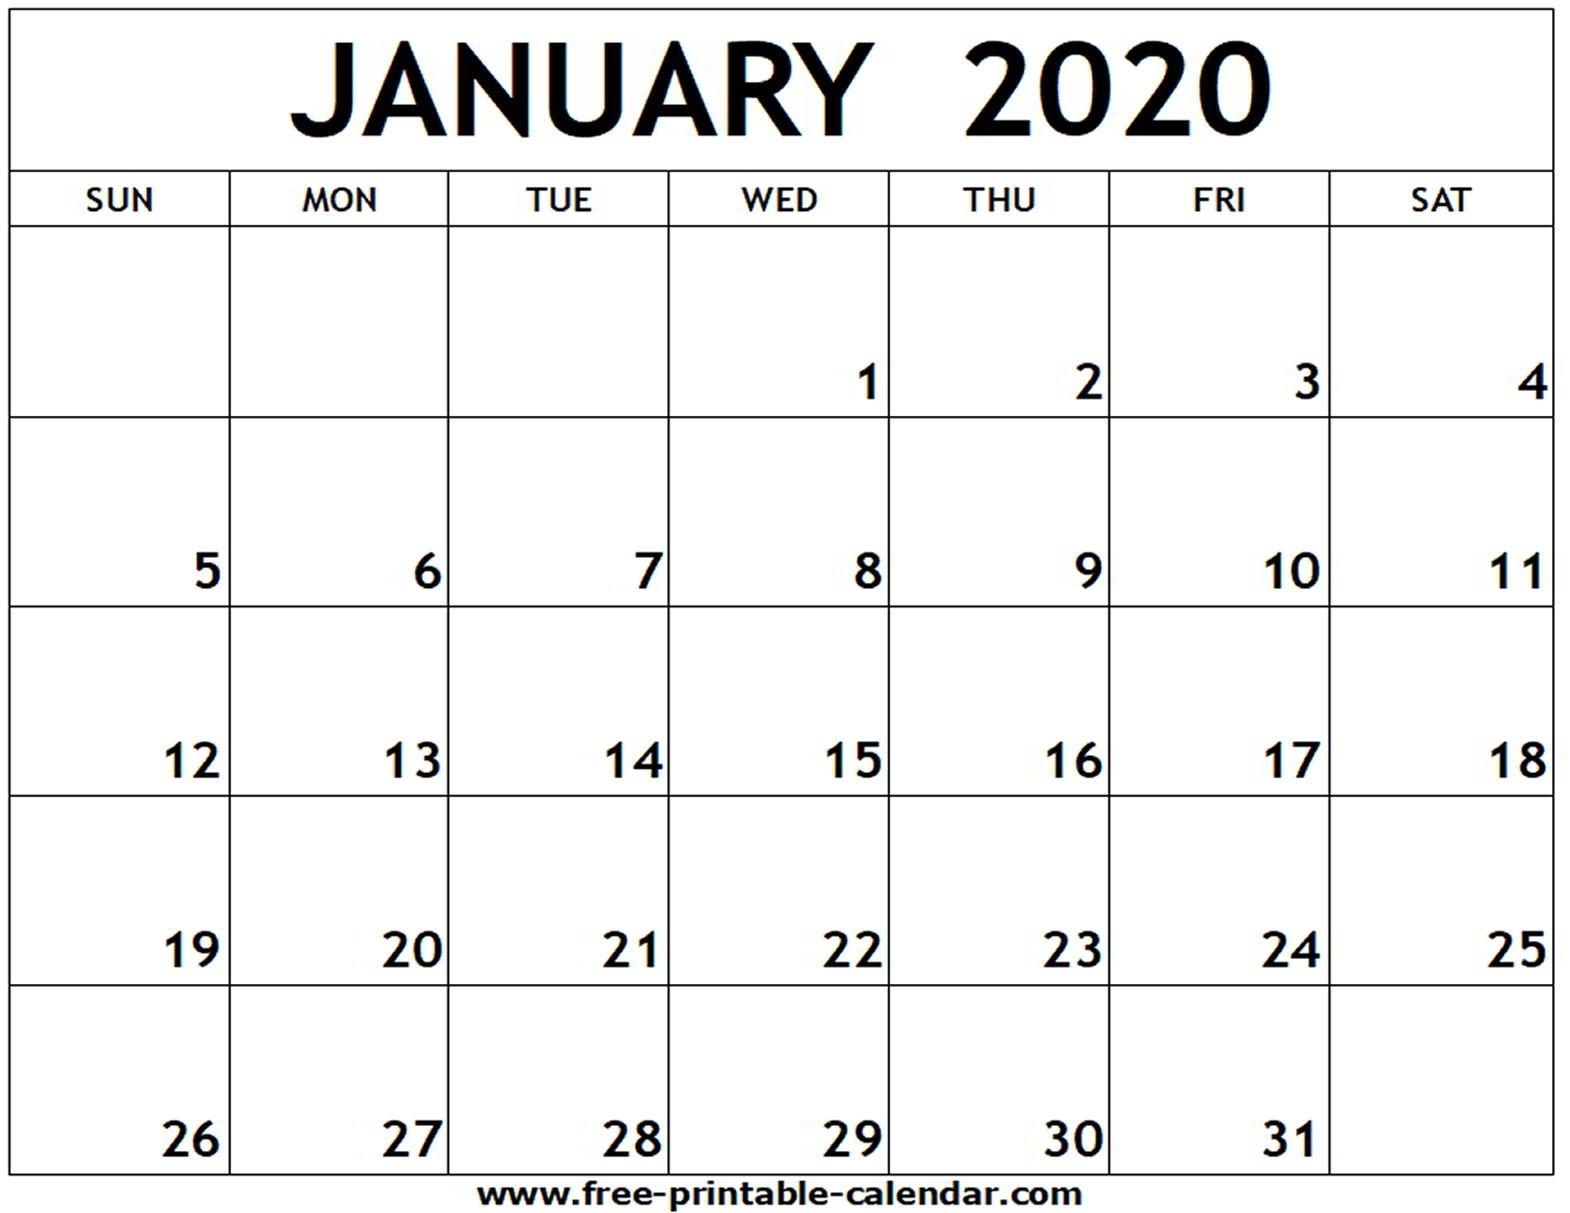 January 2020 Printable Calendar - Free-Printable-Calendar-January 2020 Printable Calendar With Holidays